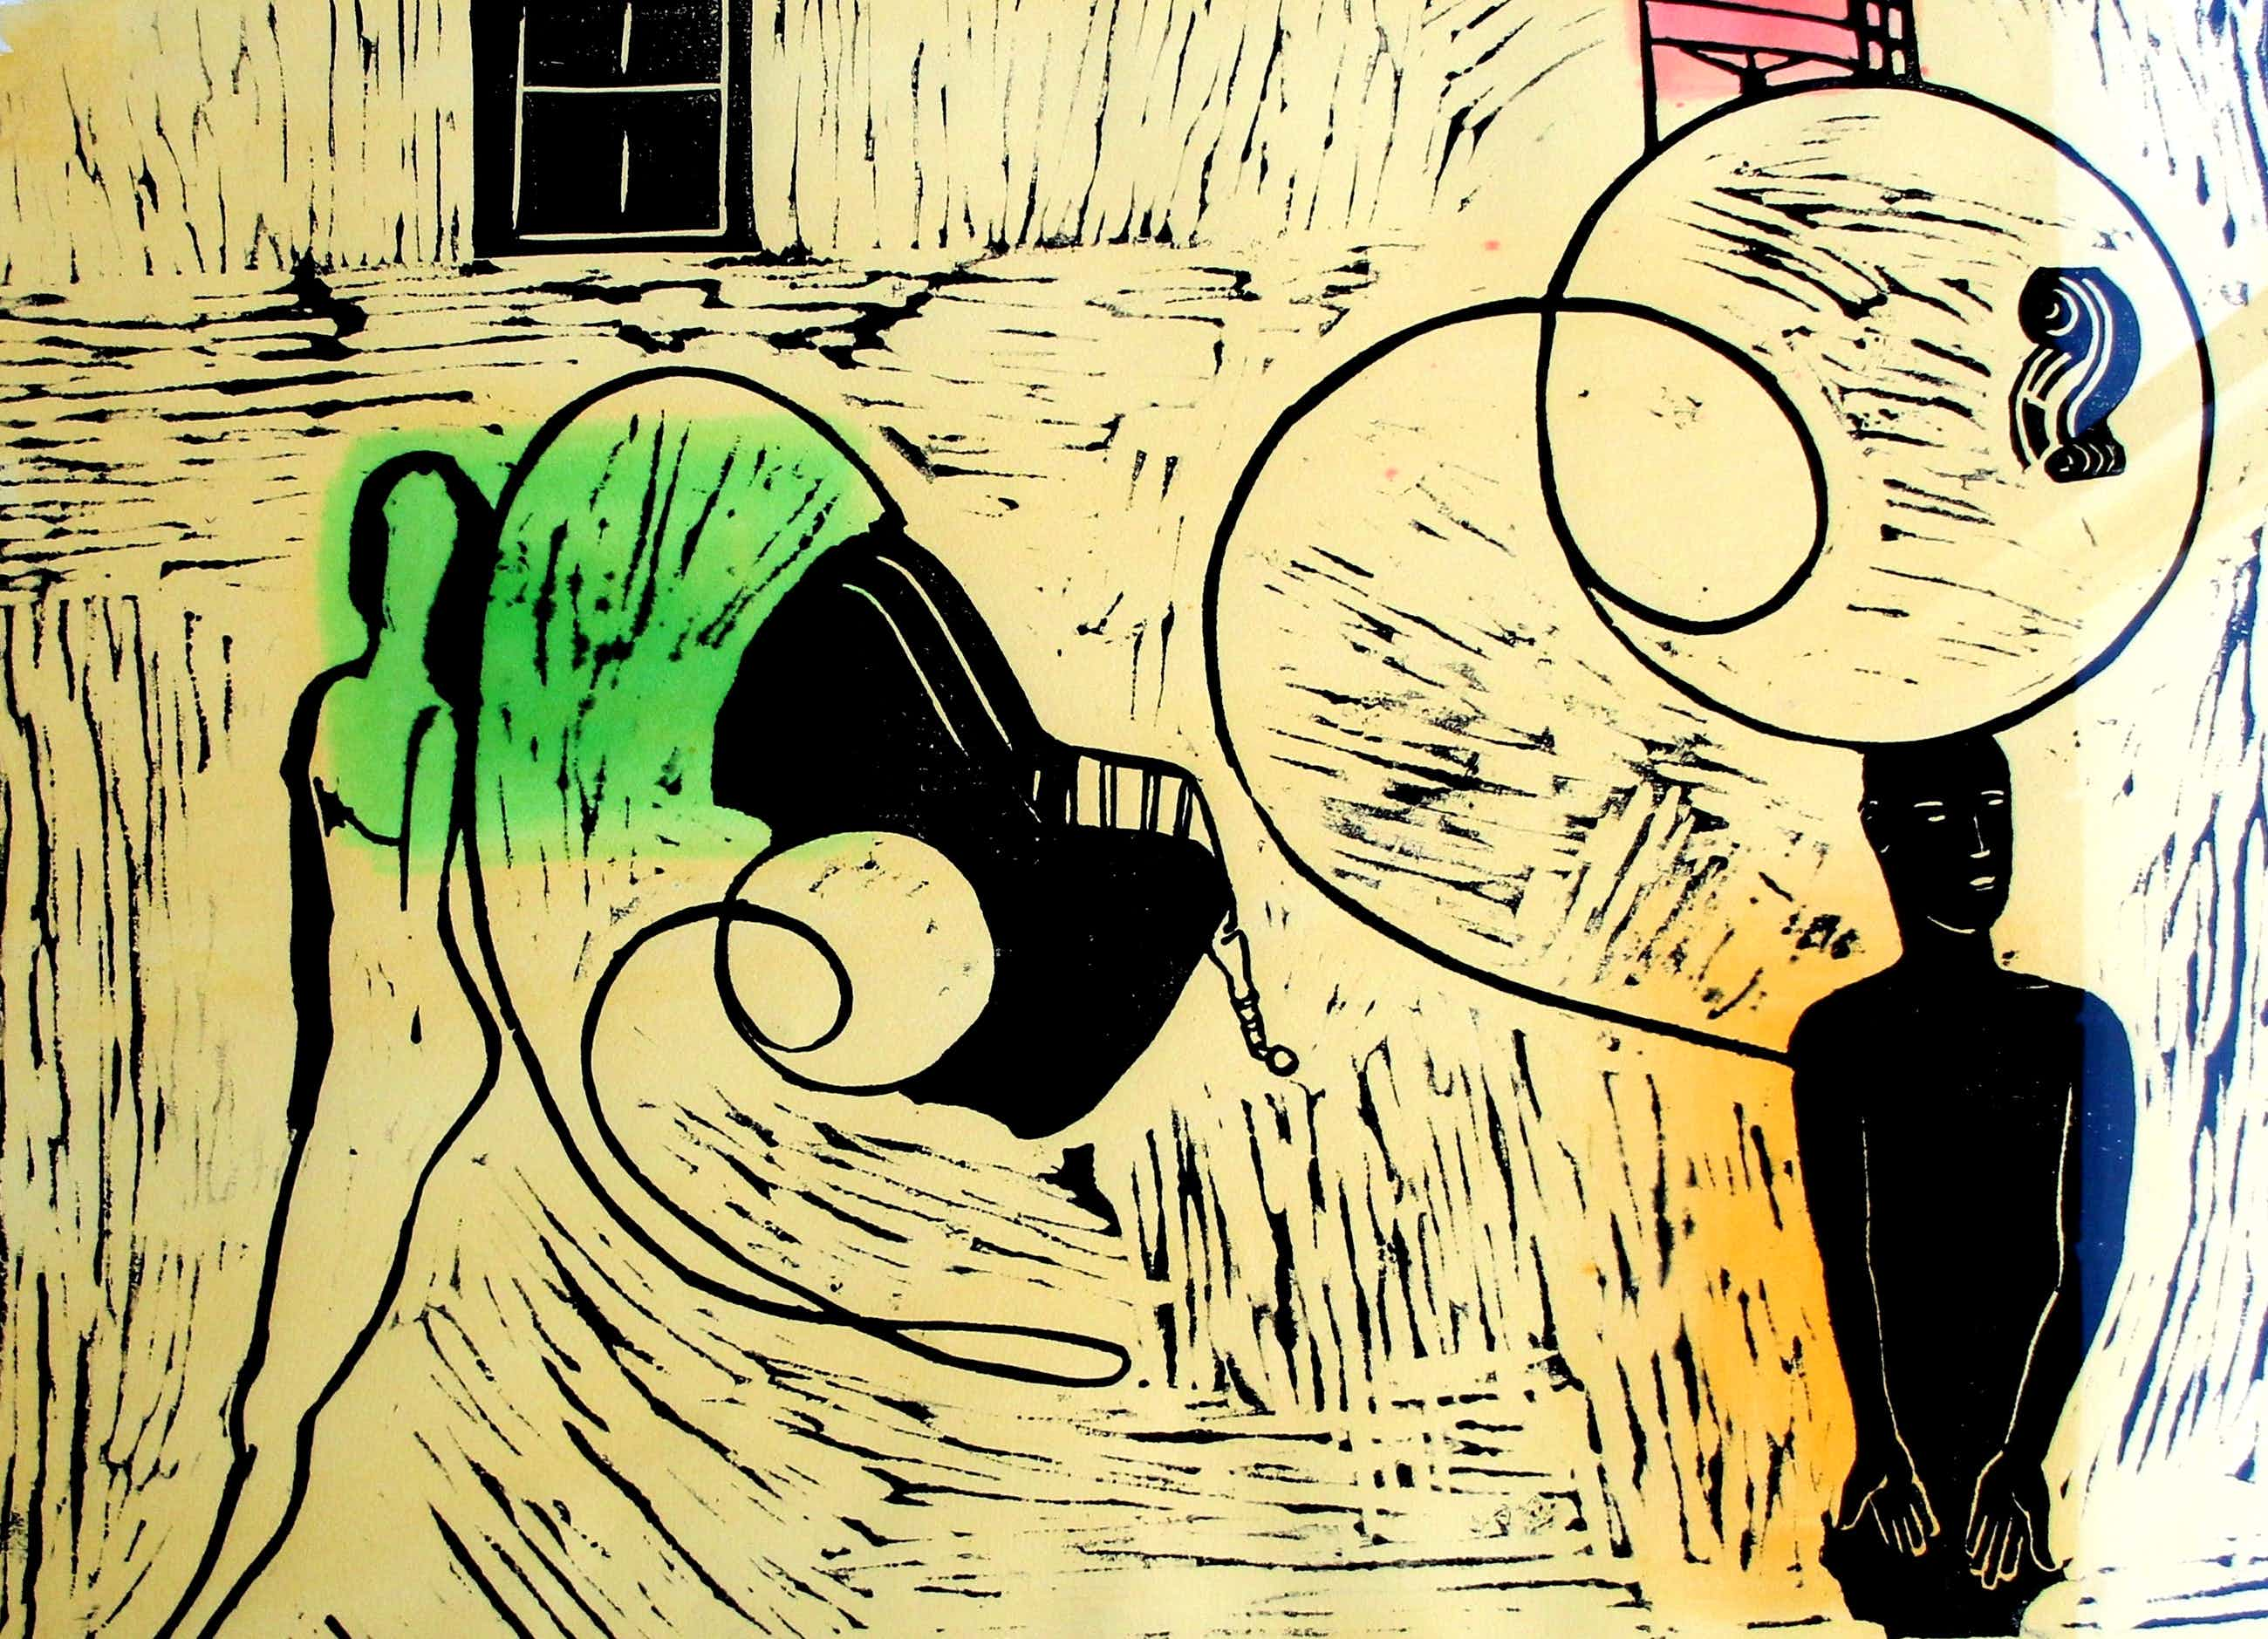 Jasper Krabbe - ingelijste , met de hand ingekleurde lino: in de huiskamer - 1996 kopen? Bied vanaf 200!